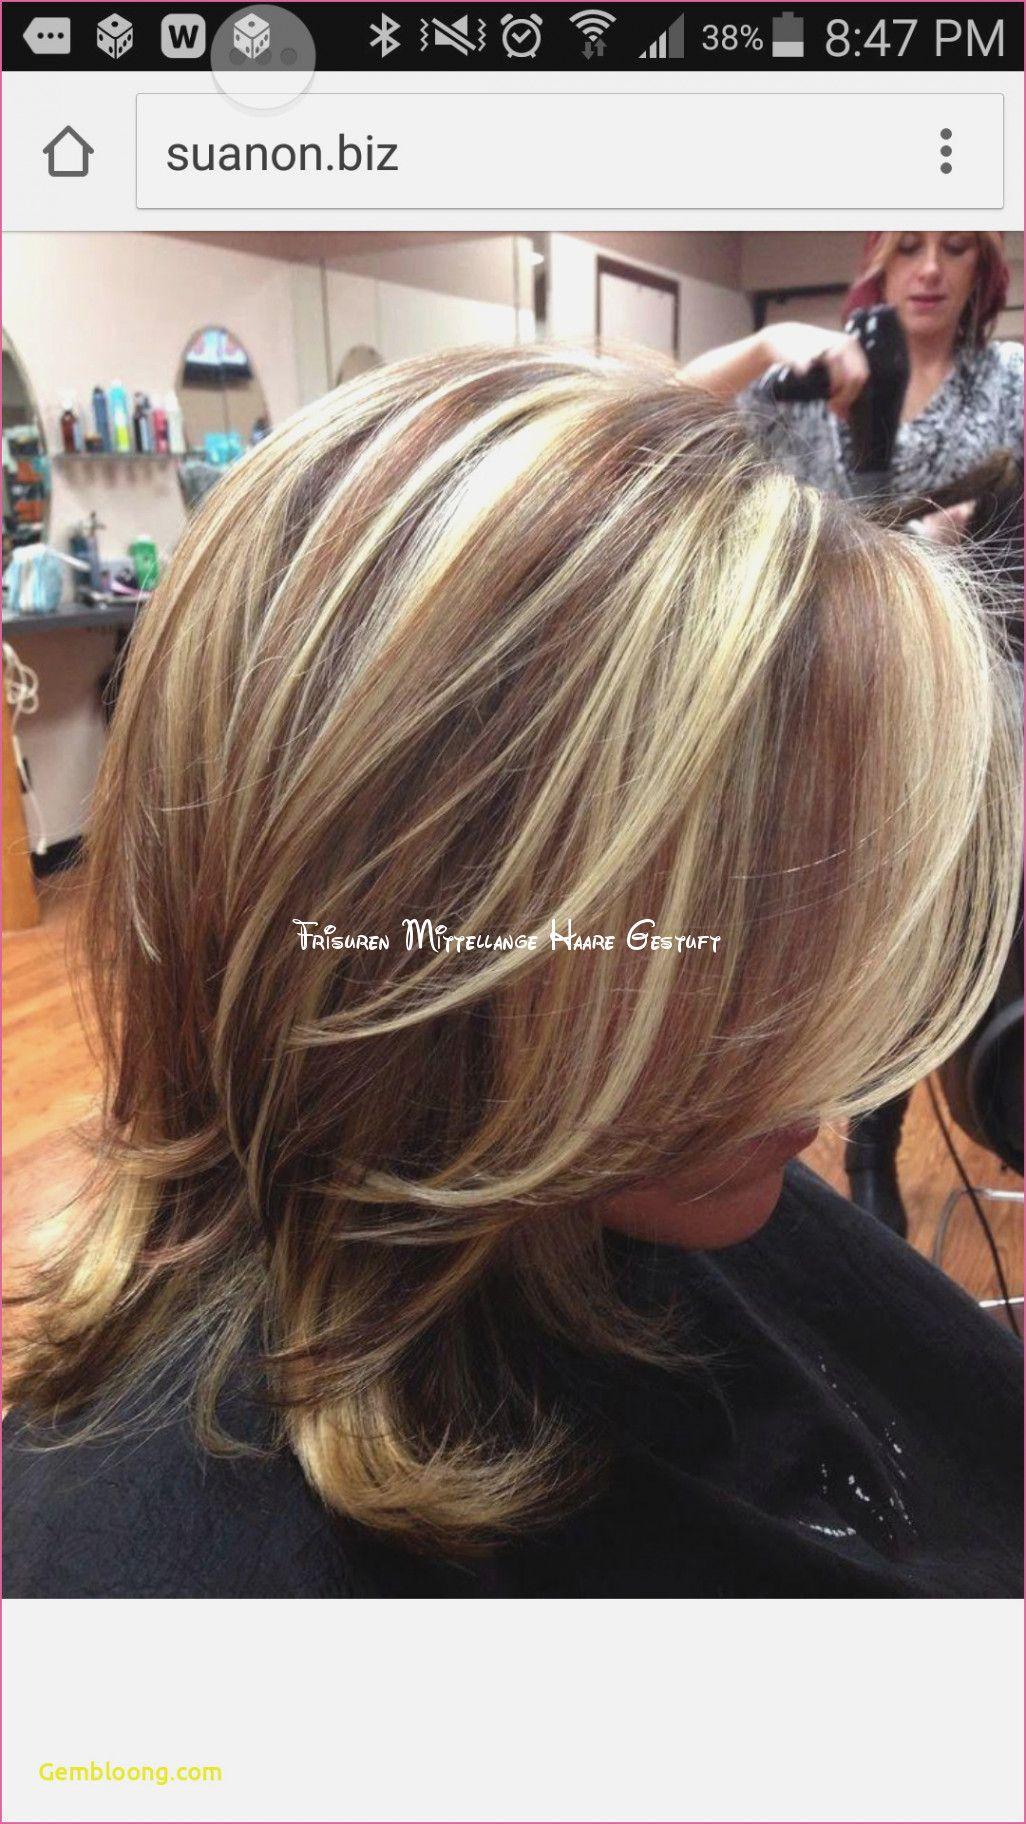 Zehn Top Risiken Von Frisuren Mittellange Haare Gestuft In 2020 Frisuren Schulterlang Frisuren Mittellang Gestuft Hochsteckfrisuren Mittellang